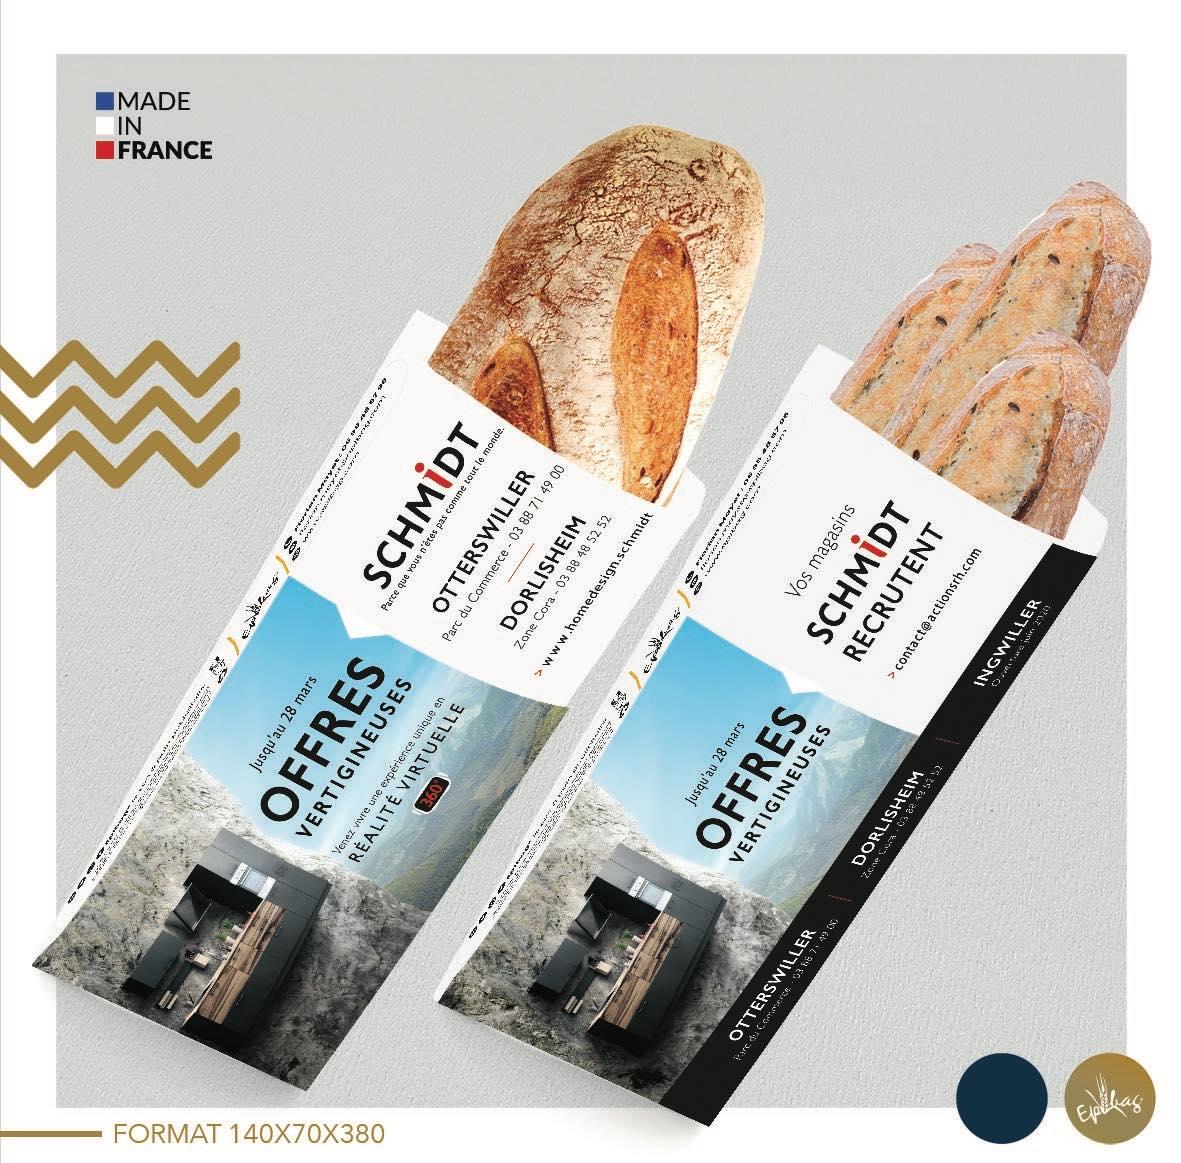 Le saviez-vous   En France 320 #baguettes sont vendues chaque seconde   Indispensable pour votre boulanger, le sac à pain publicitaire devient votre meilleur support de #communication communication     https://cutt.ly/LyqhXjBpic.twitter.com/qzvk7ZzJu9